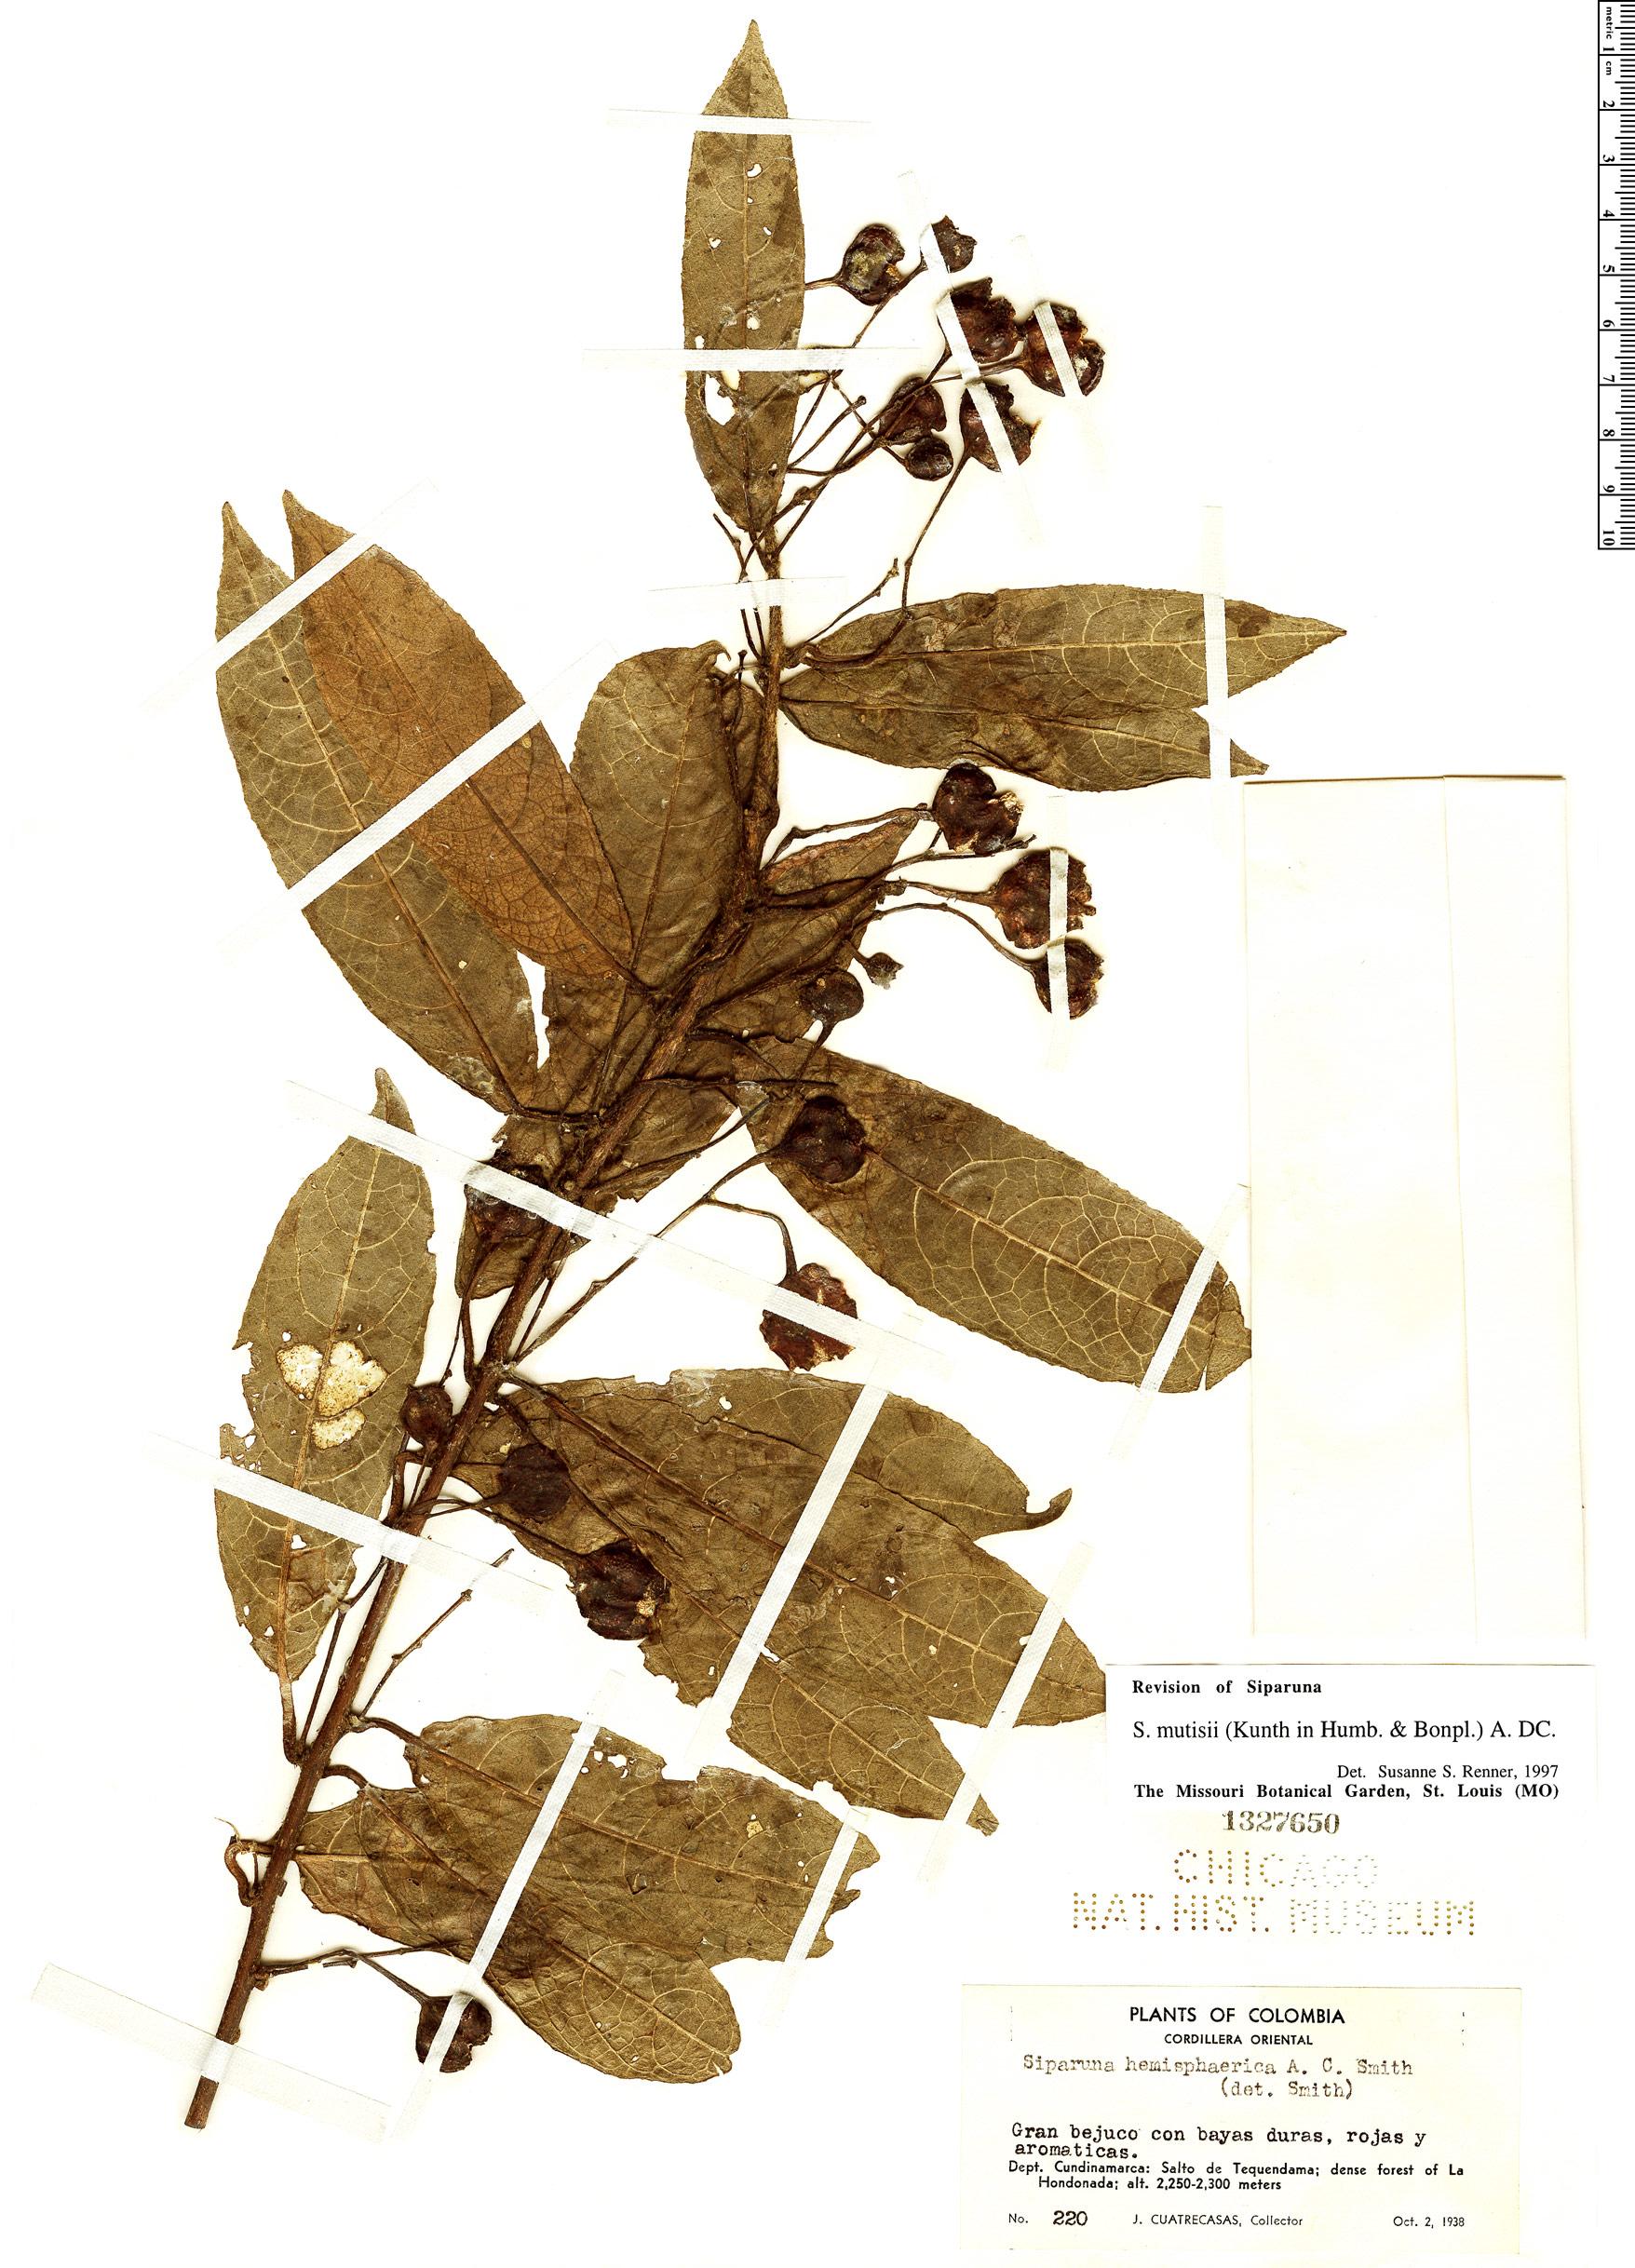 Specimen: Siparuna mutisii